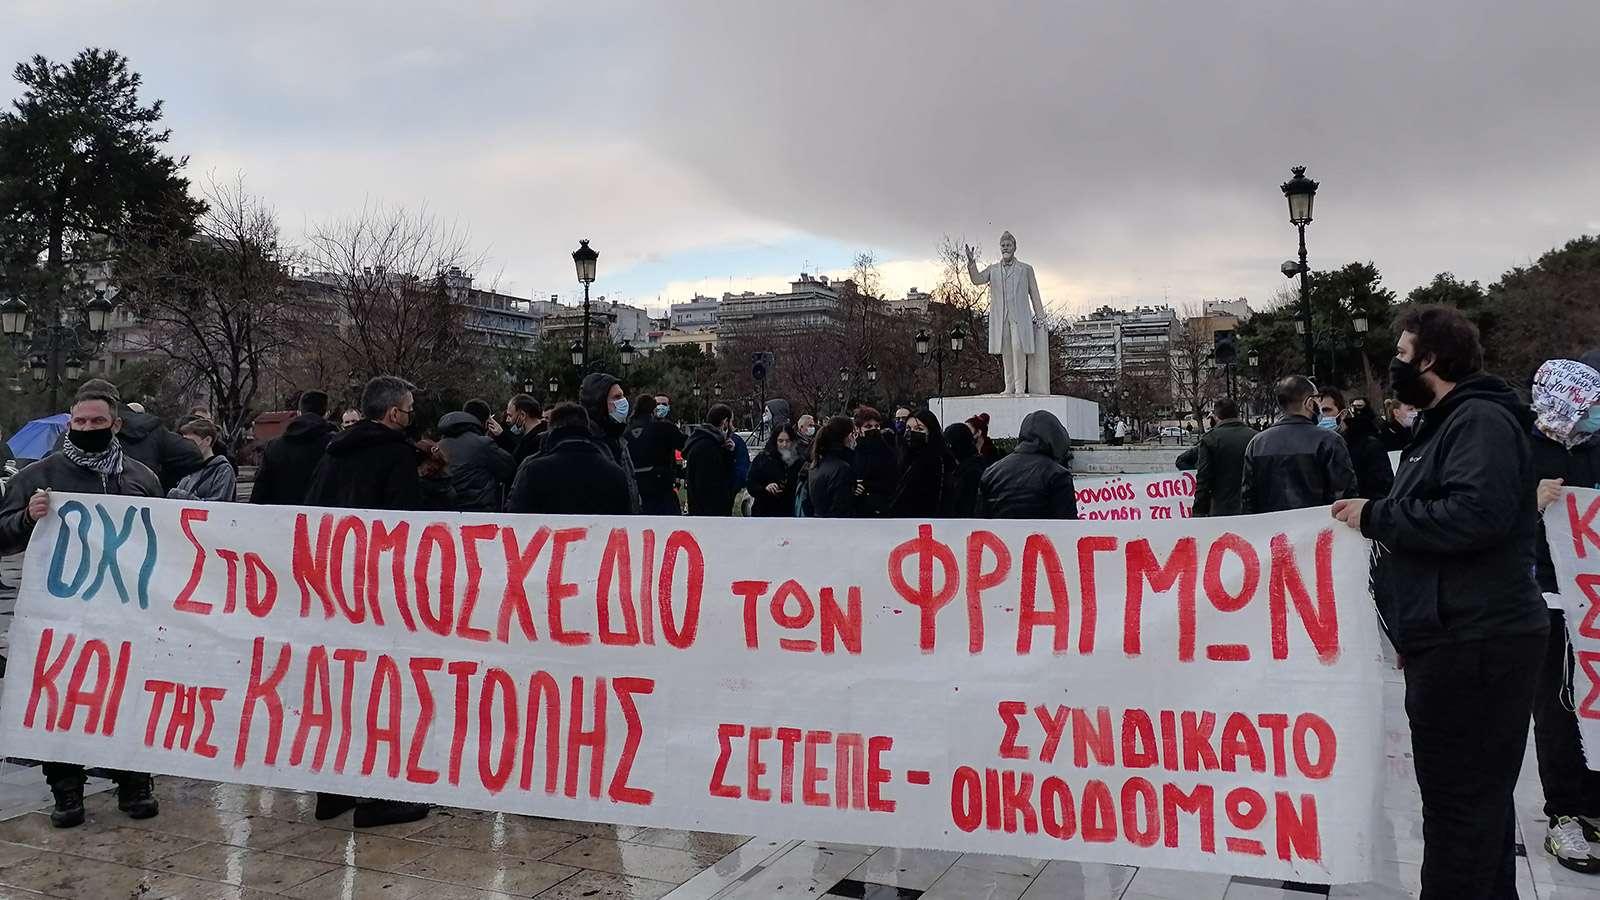 thessaloniki fitites3